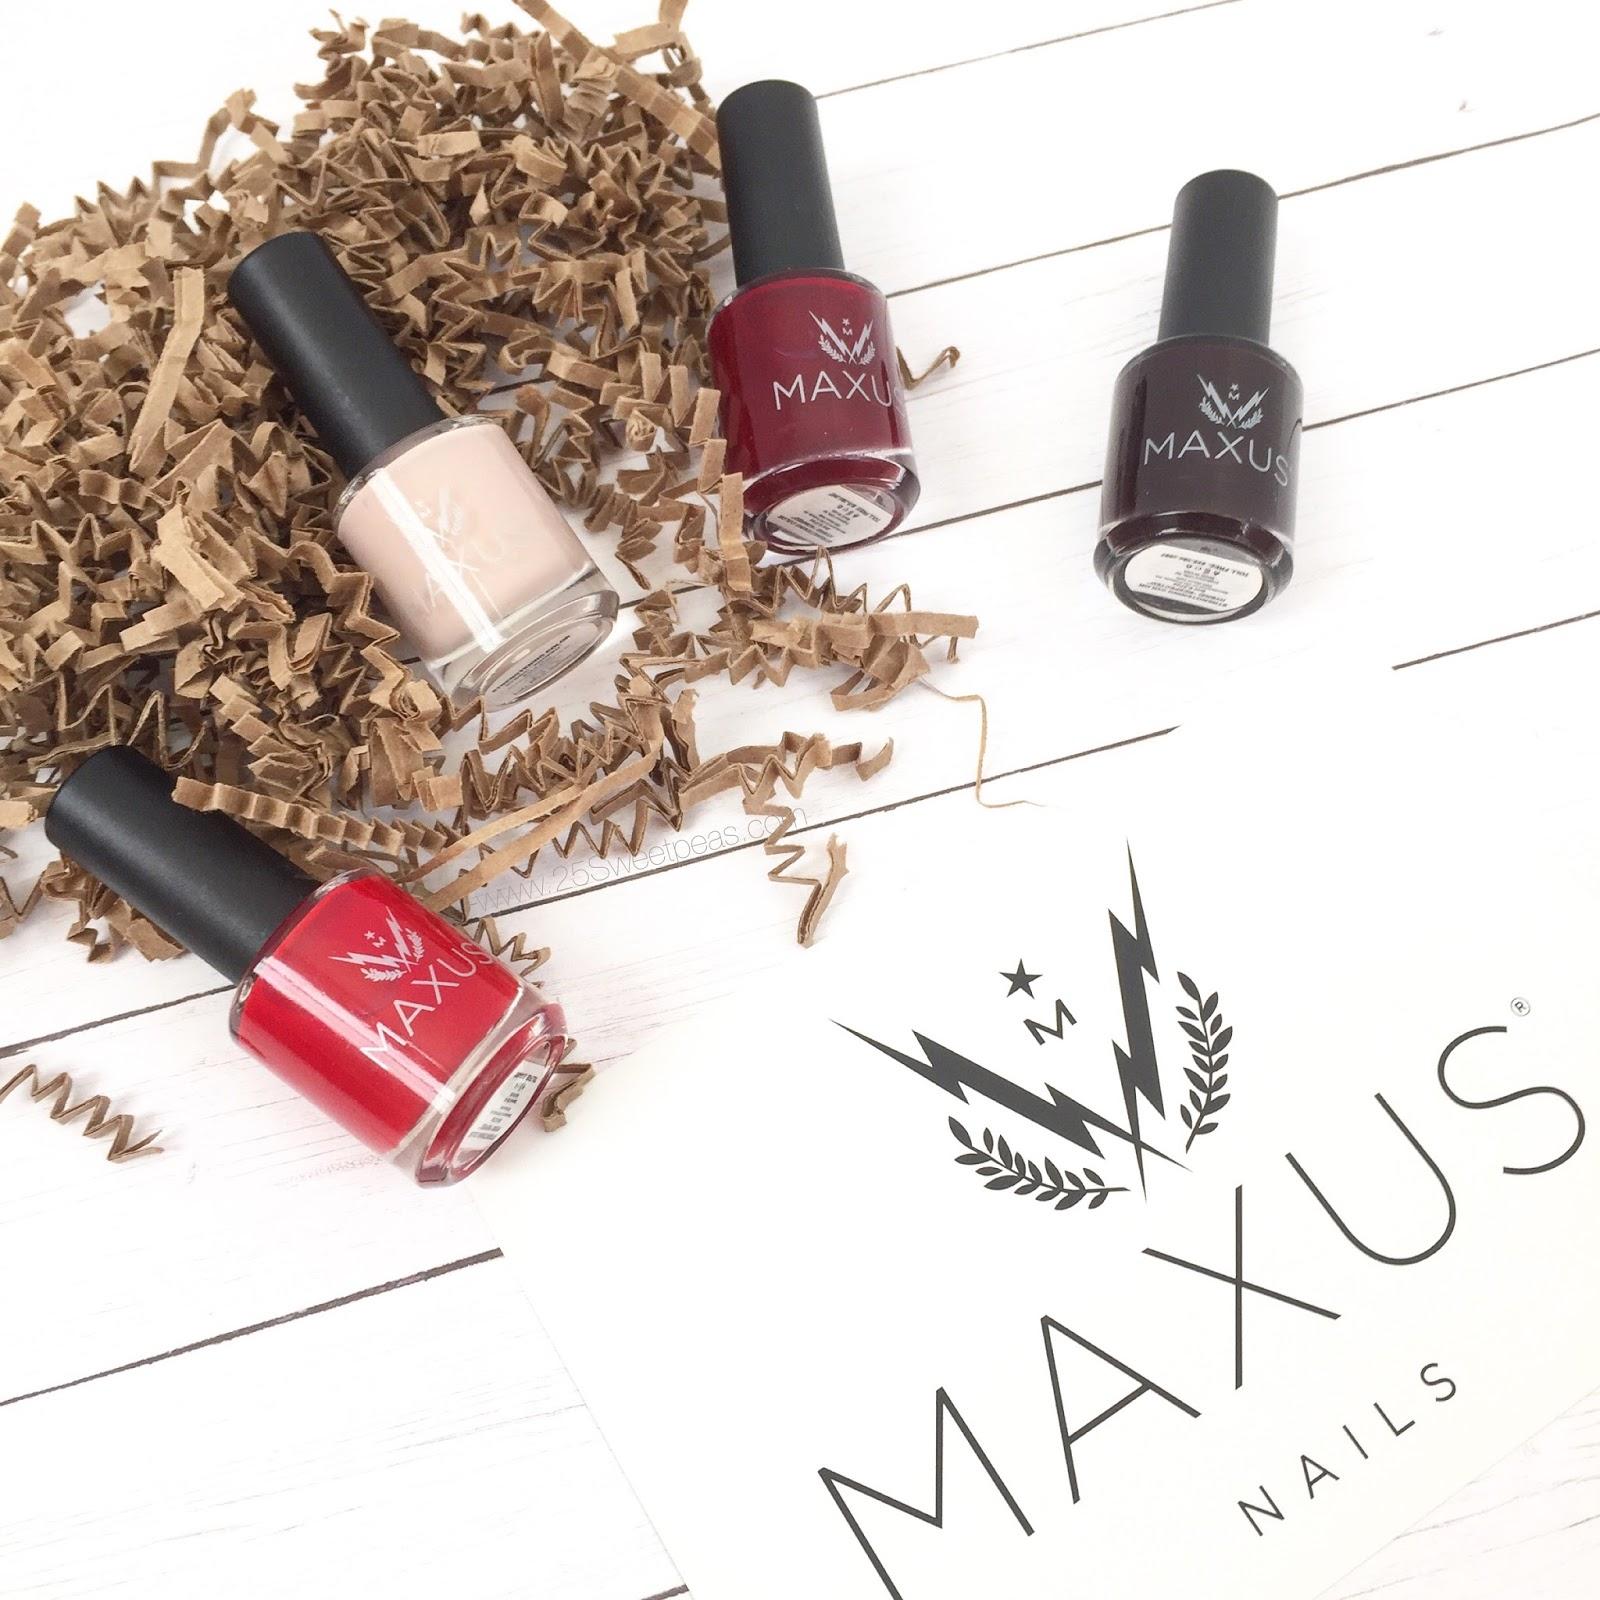 Maxus Nail Polish